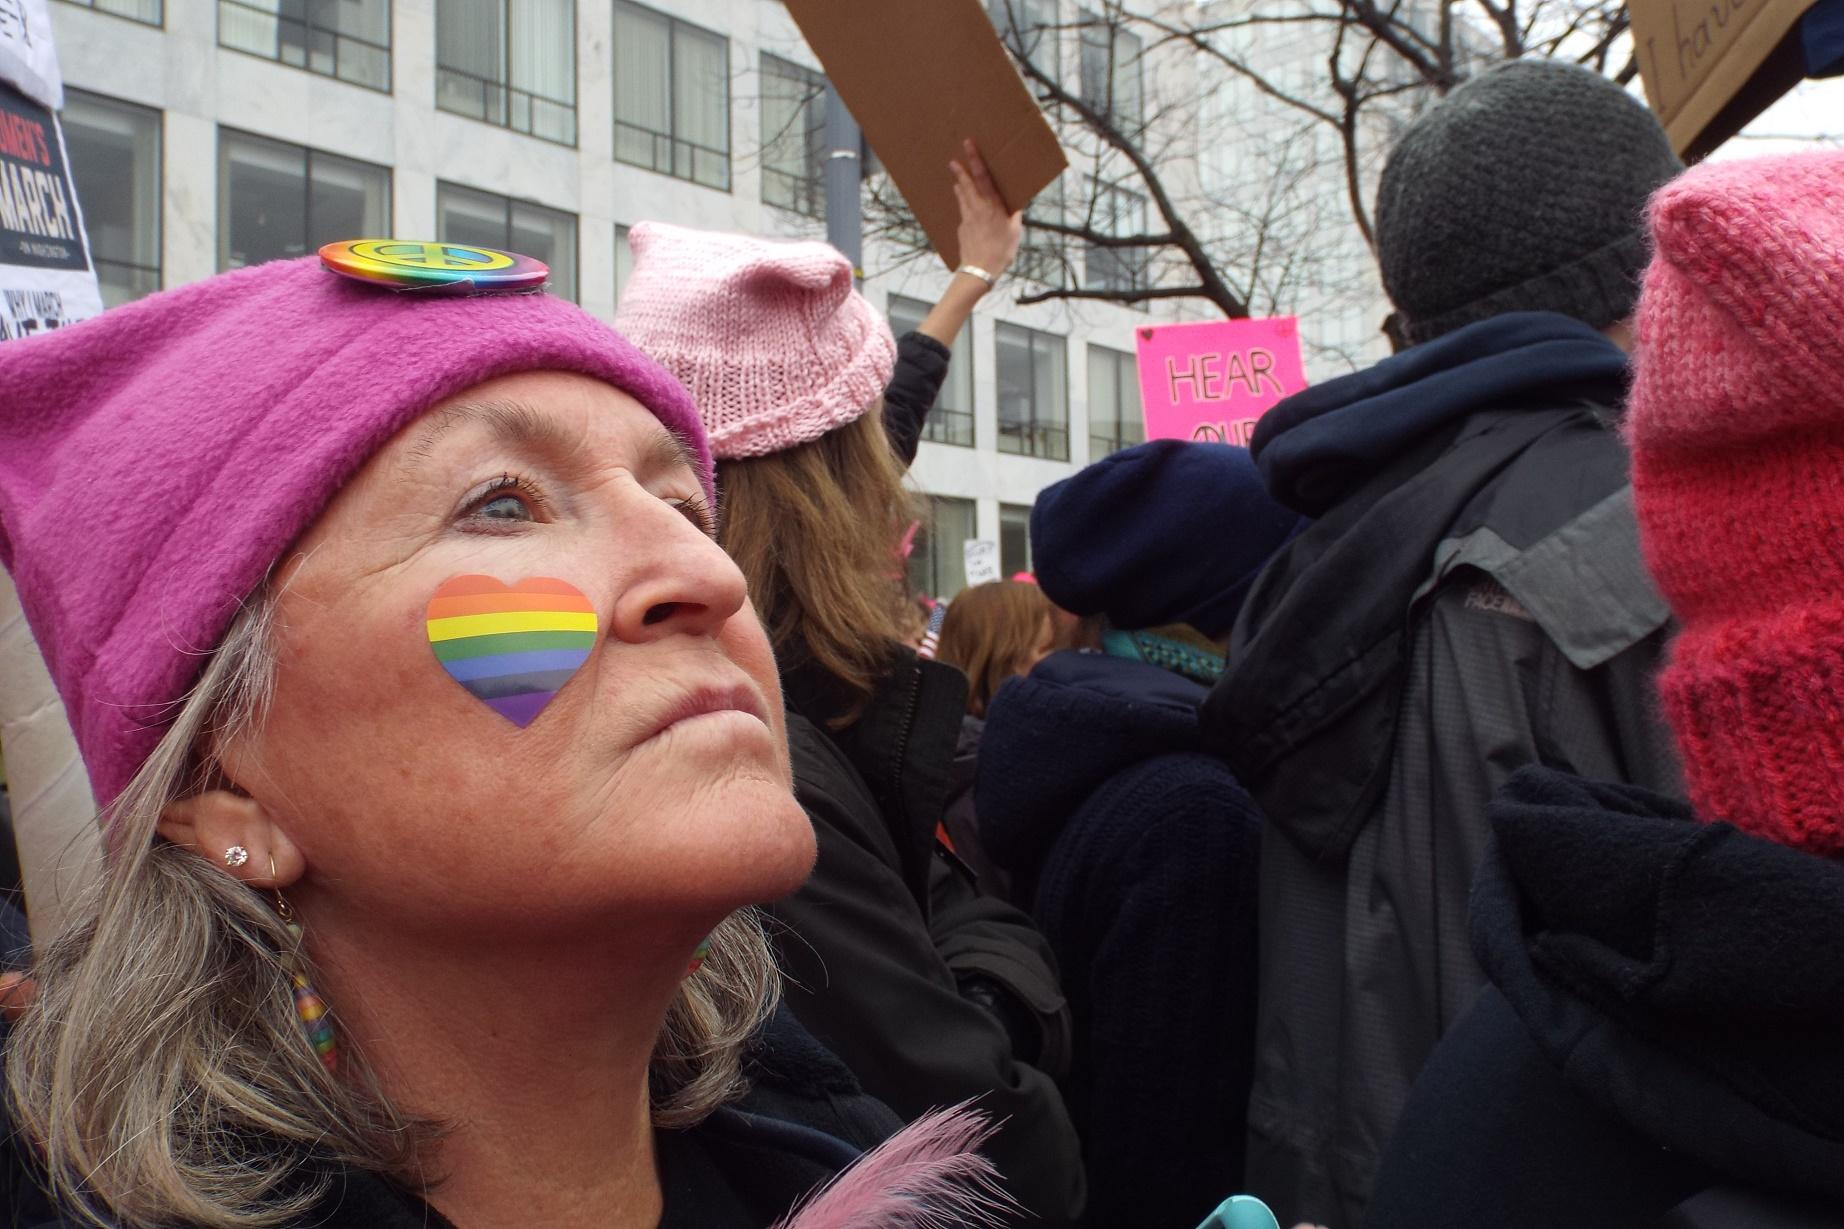 Cerca de 2,5 milhões de pessoas marcharam no mundo todo em protesto contra as ameaças do governo Trump. Foto de Manuela Andreoni